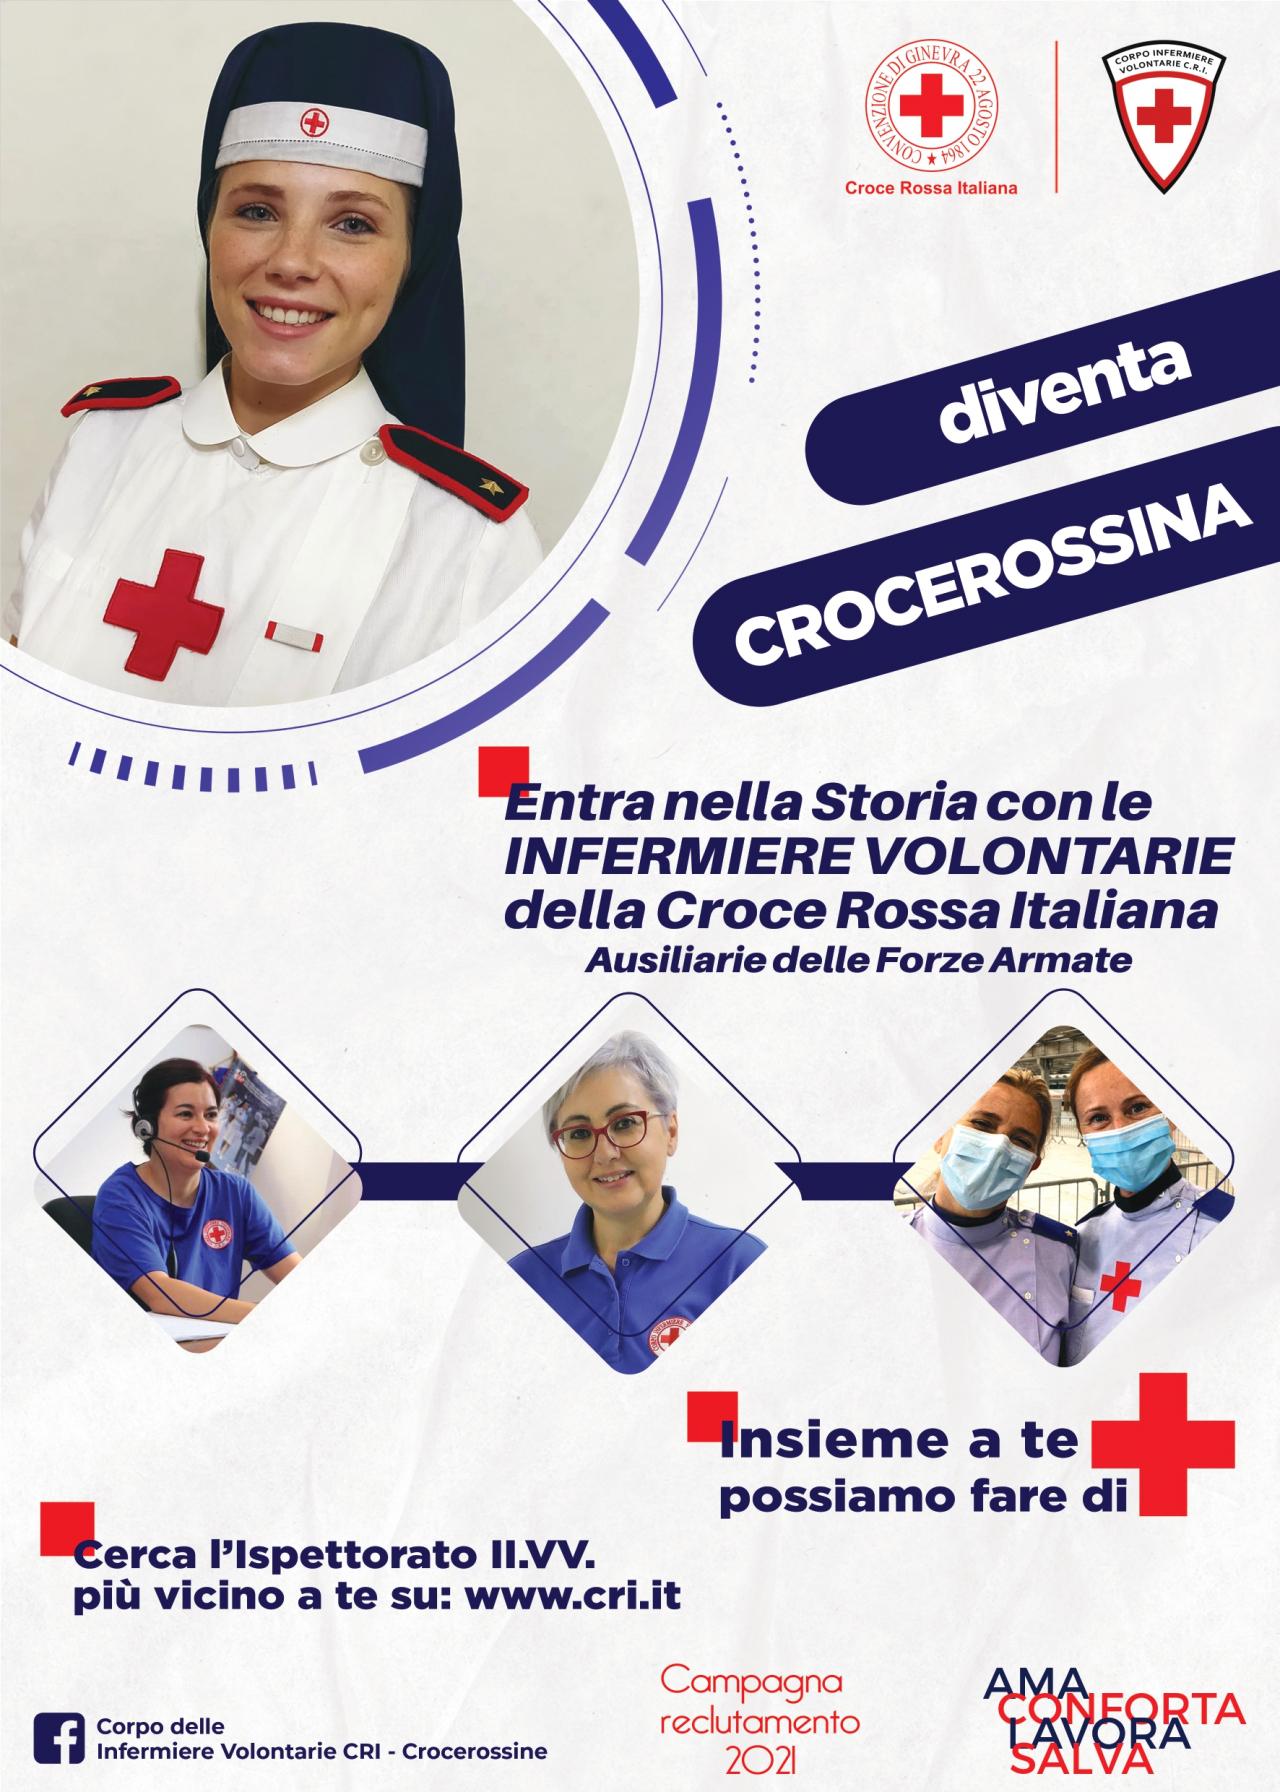 Locandina reclutamento IIVV 2021